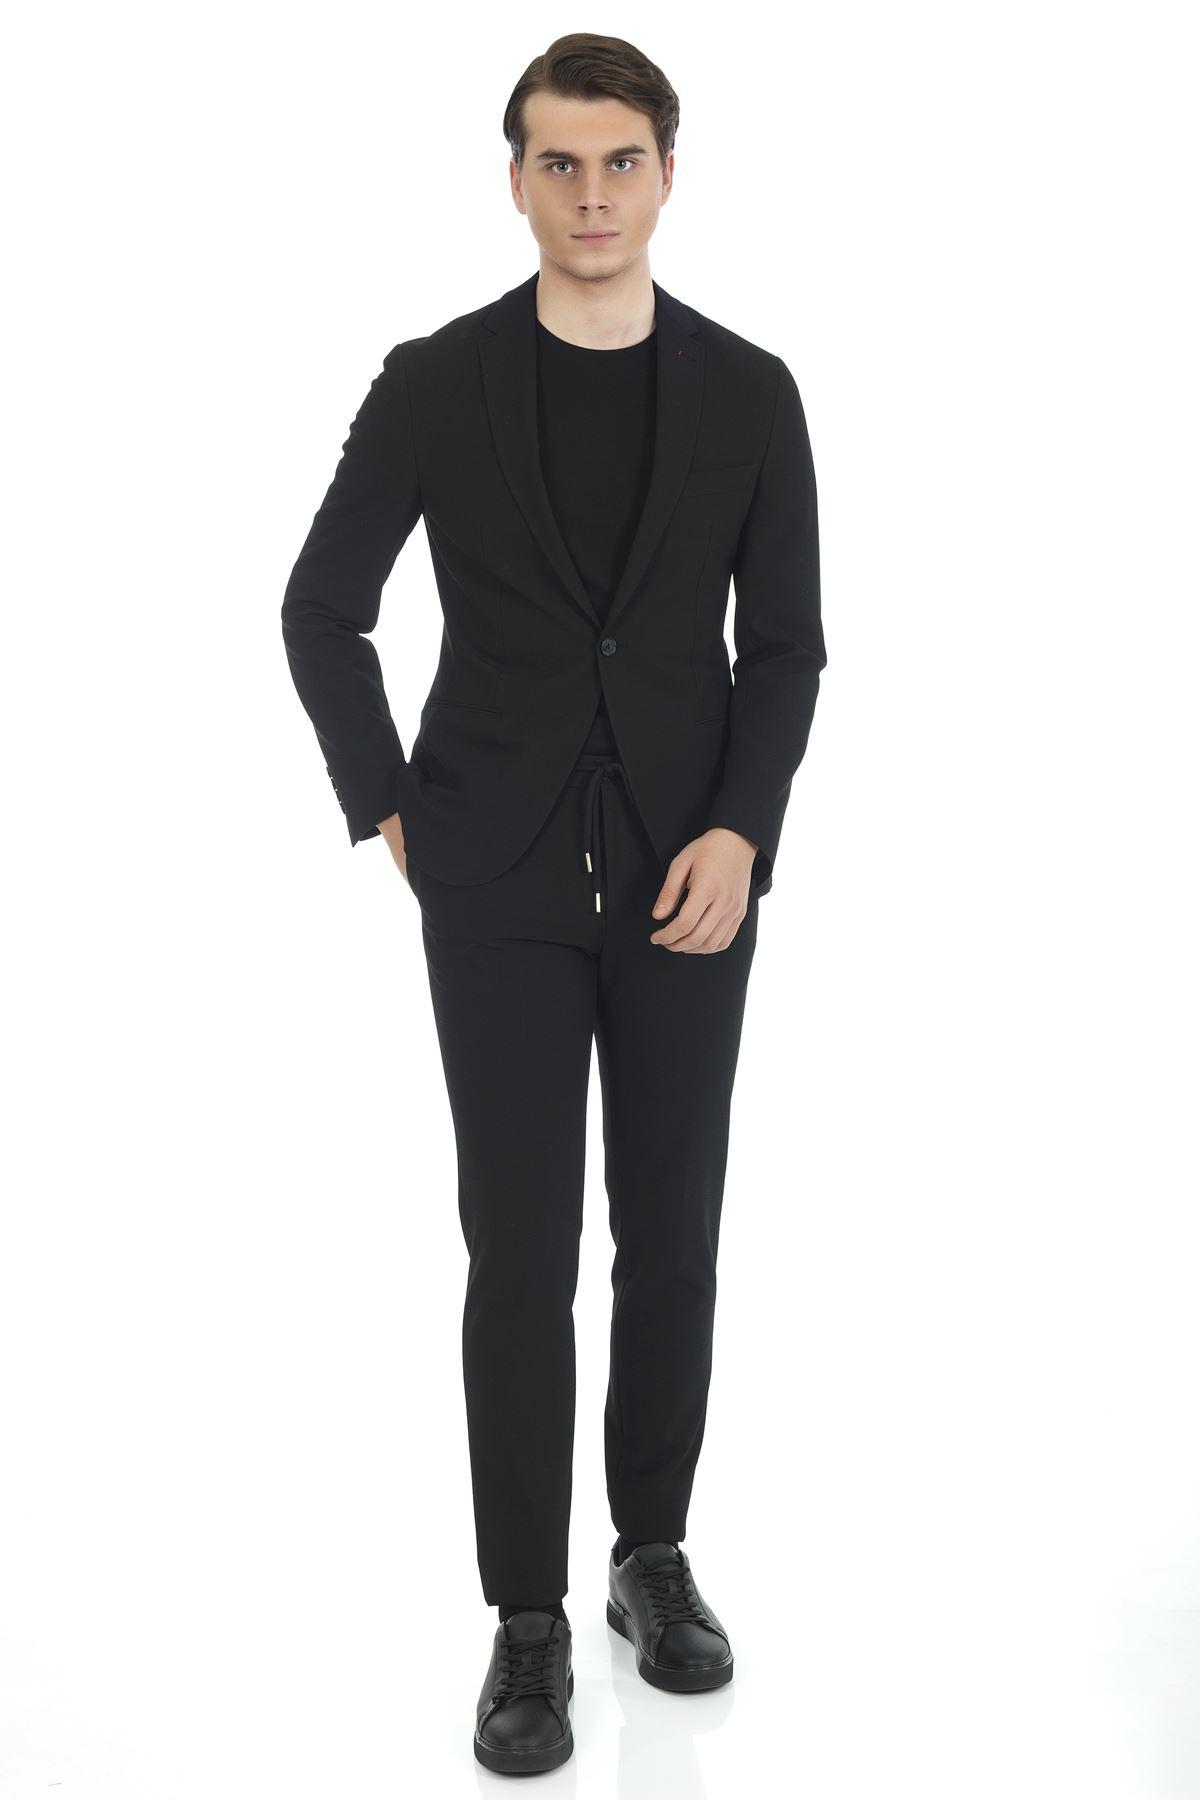 Siyah Süper Slim Likralı Malzemesiz Spor Takım Elbise